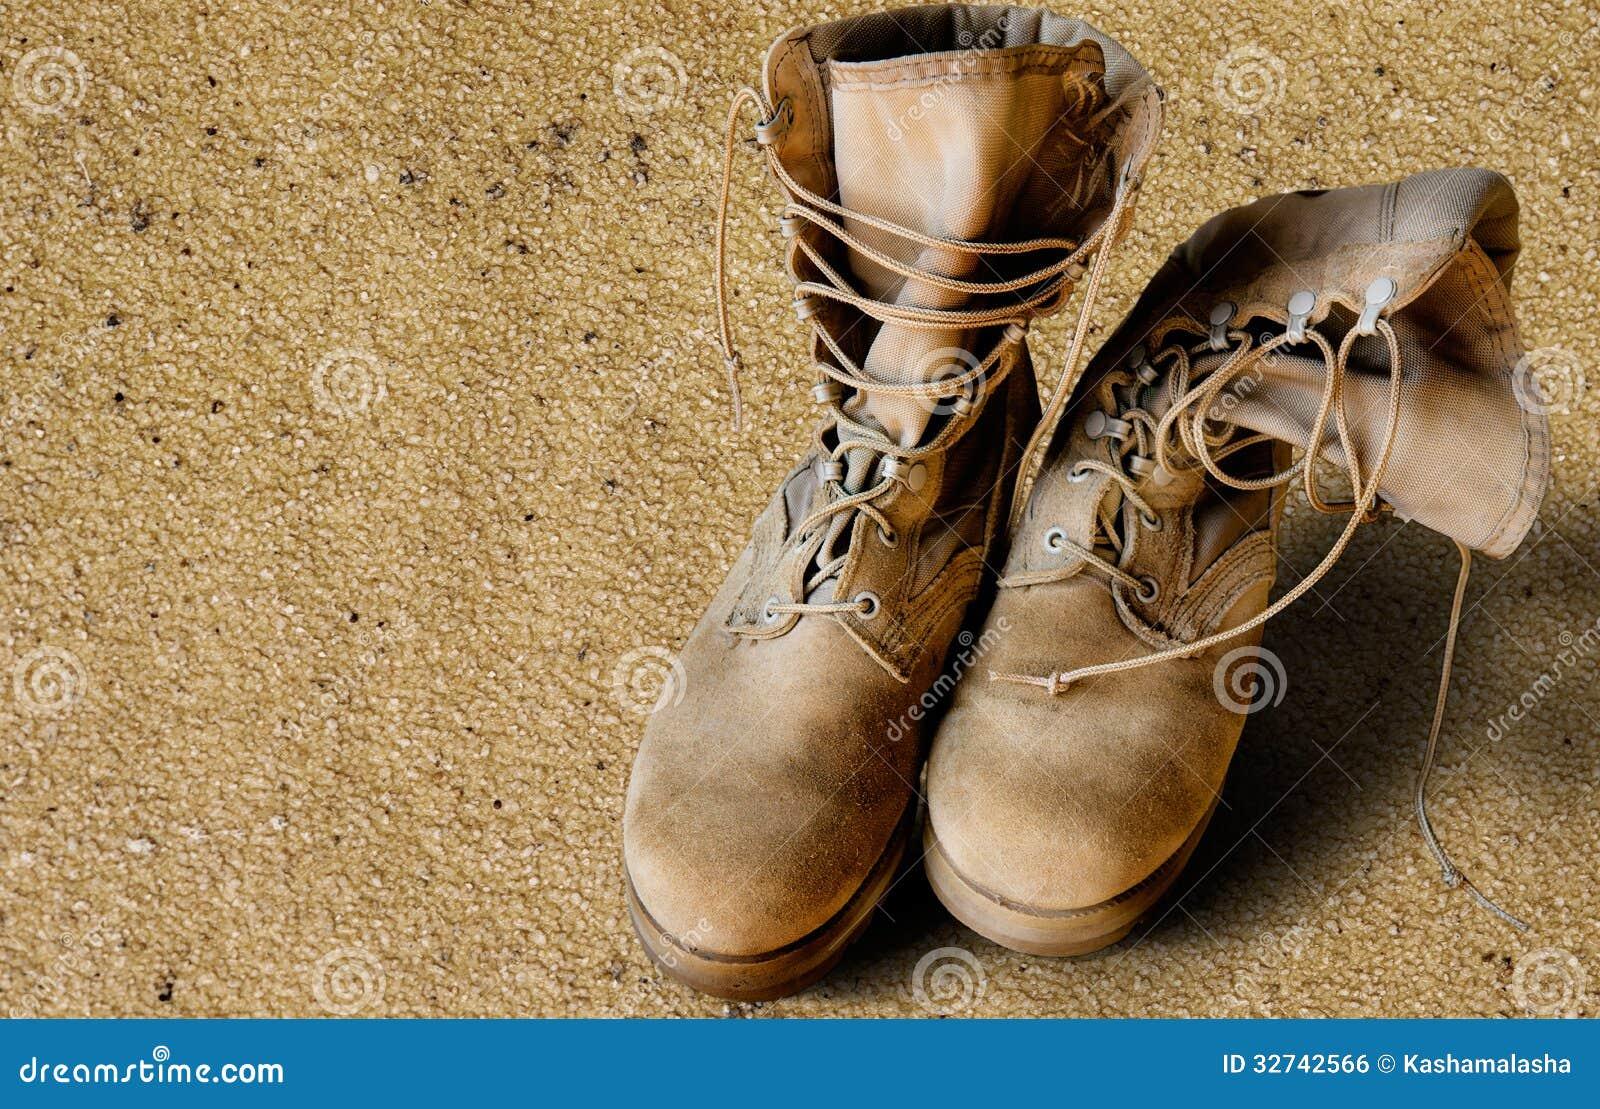 Botas do exército dos EUA na areia